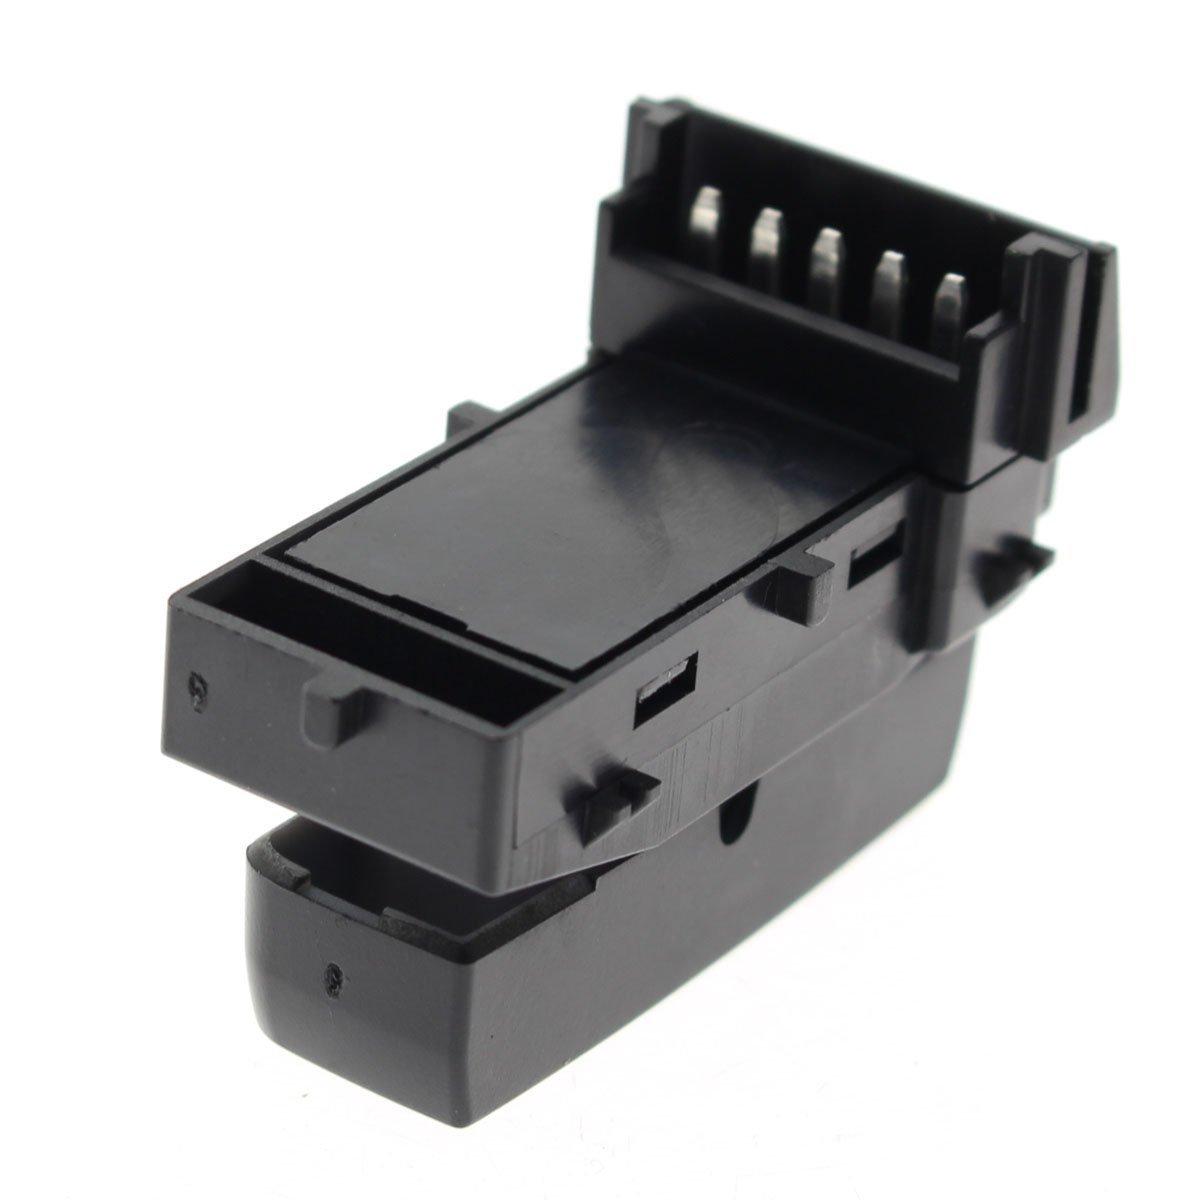 GMC 2007-2012 Front Left Door Lock Switch 15804093 901-119 Carbour Carbhub 15804093 Door Lock Switch for Chevrolet 2007-2012